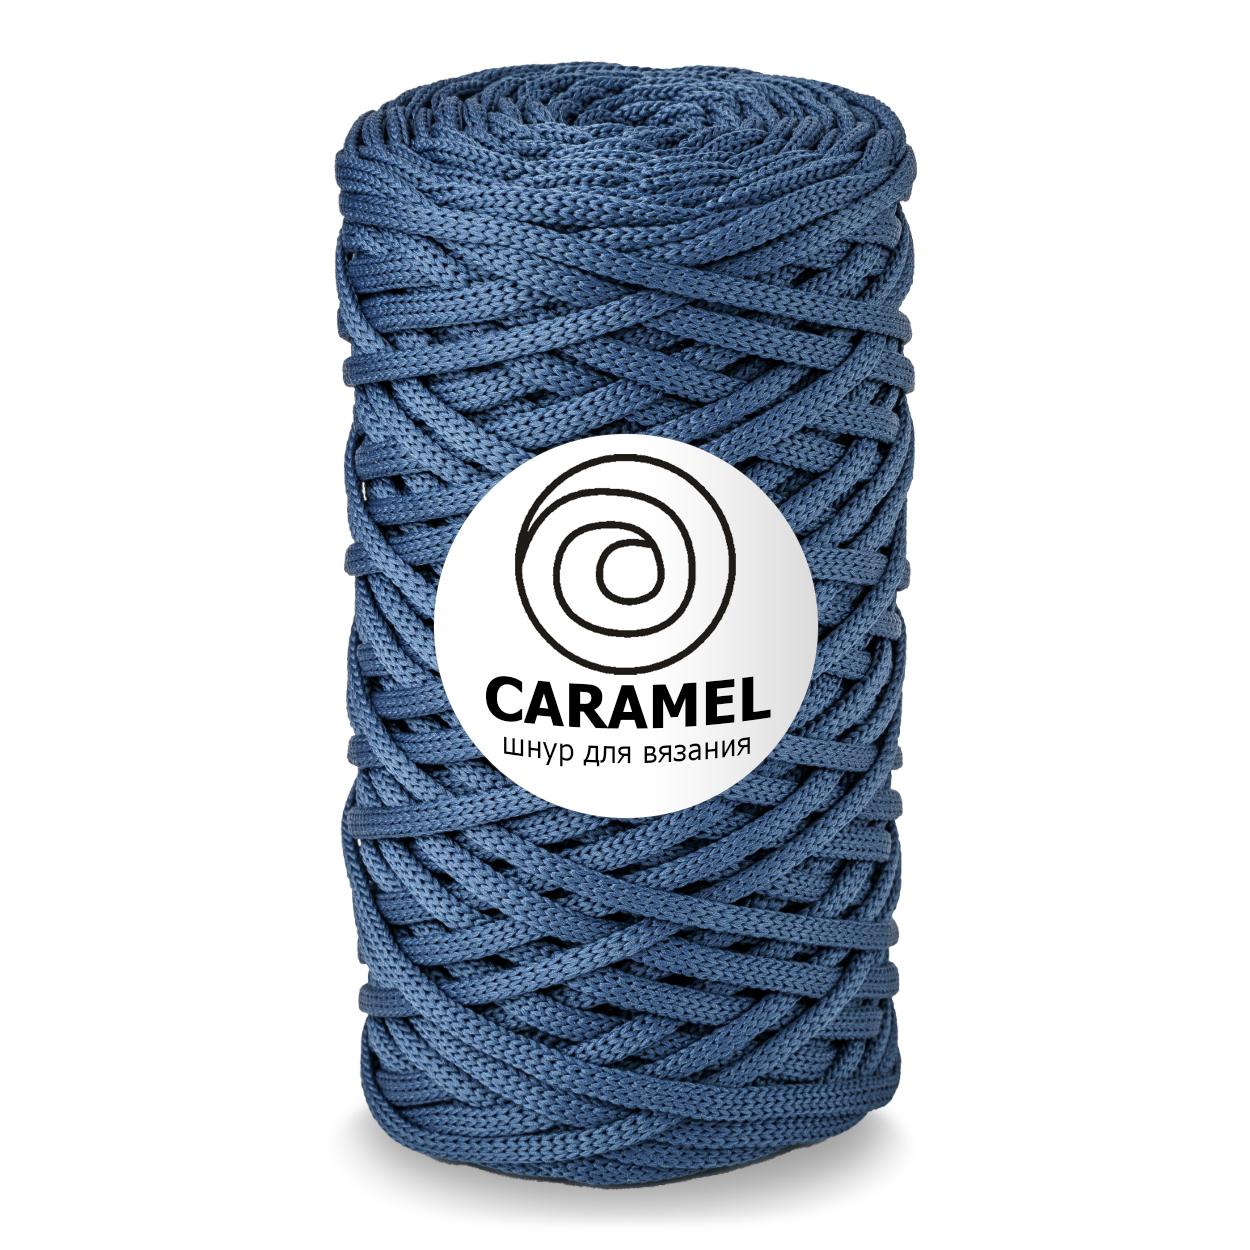 Плоский полиэфирный шнур Caramel Полиэфирный шнур Caramel Токио tokio-1250x1250.jpg